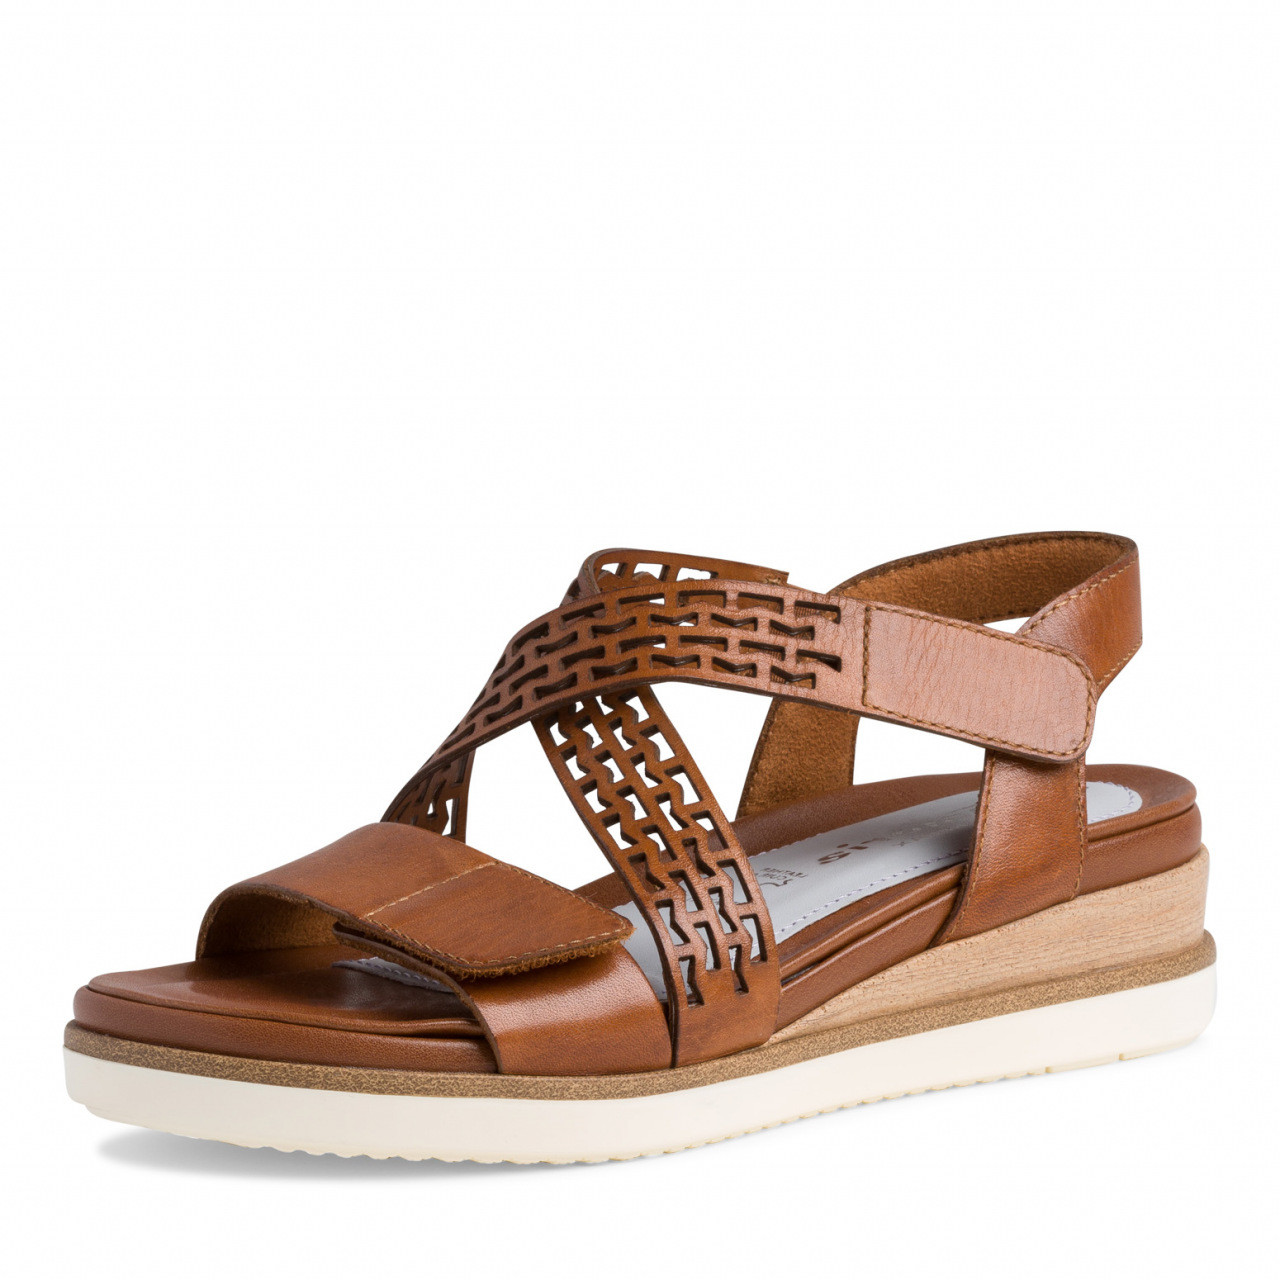 Brune Tamaris sandaler